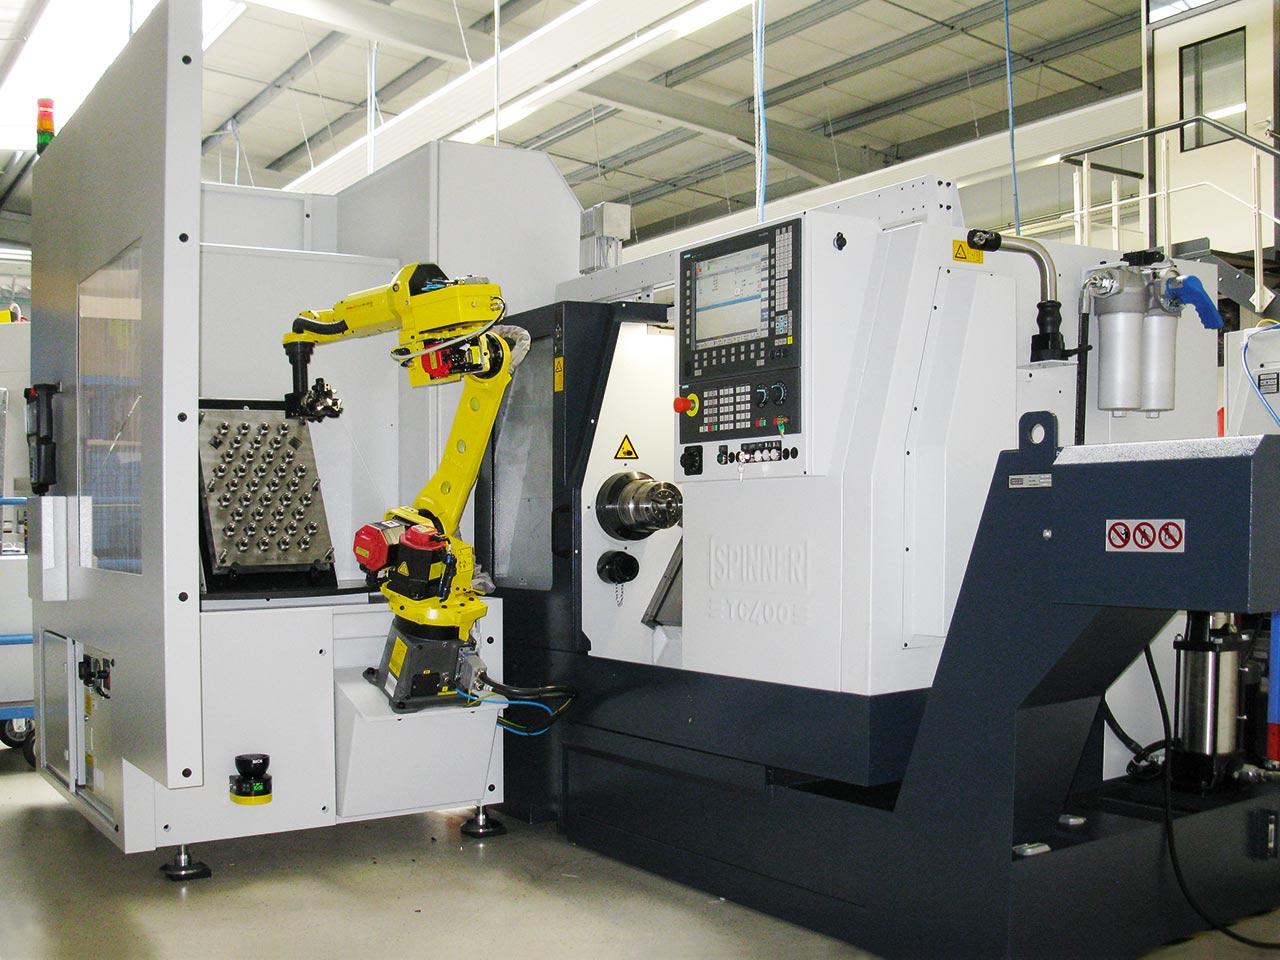 Spinner AG - Spinner TC400 mit Universalroboterzelle bei der Produktion